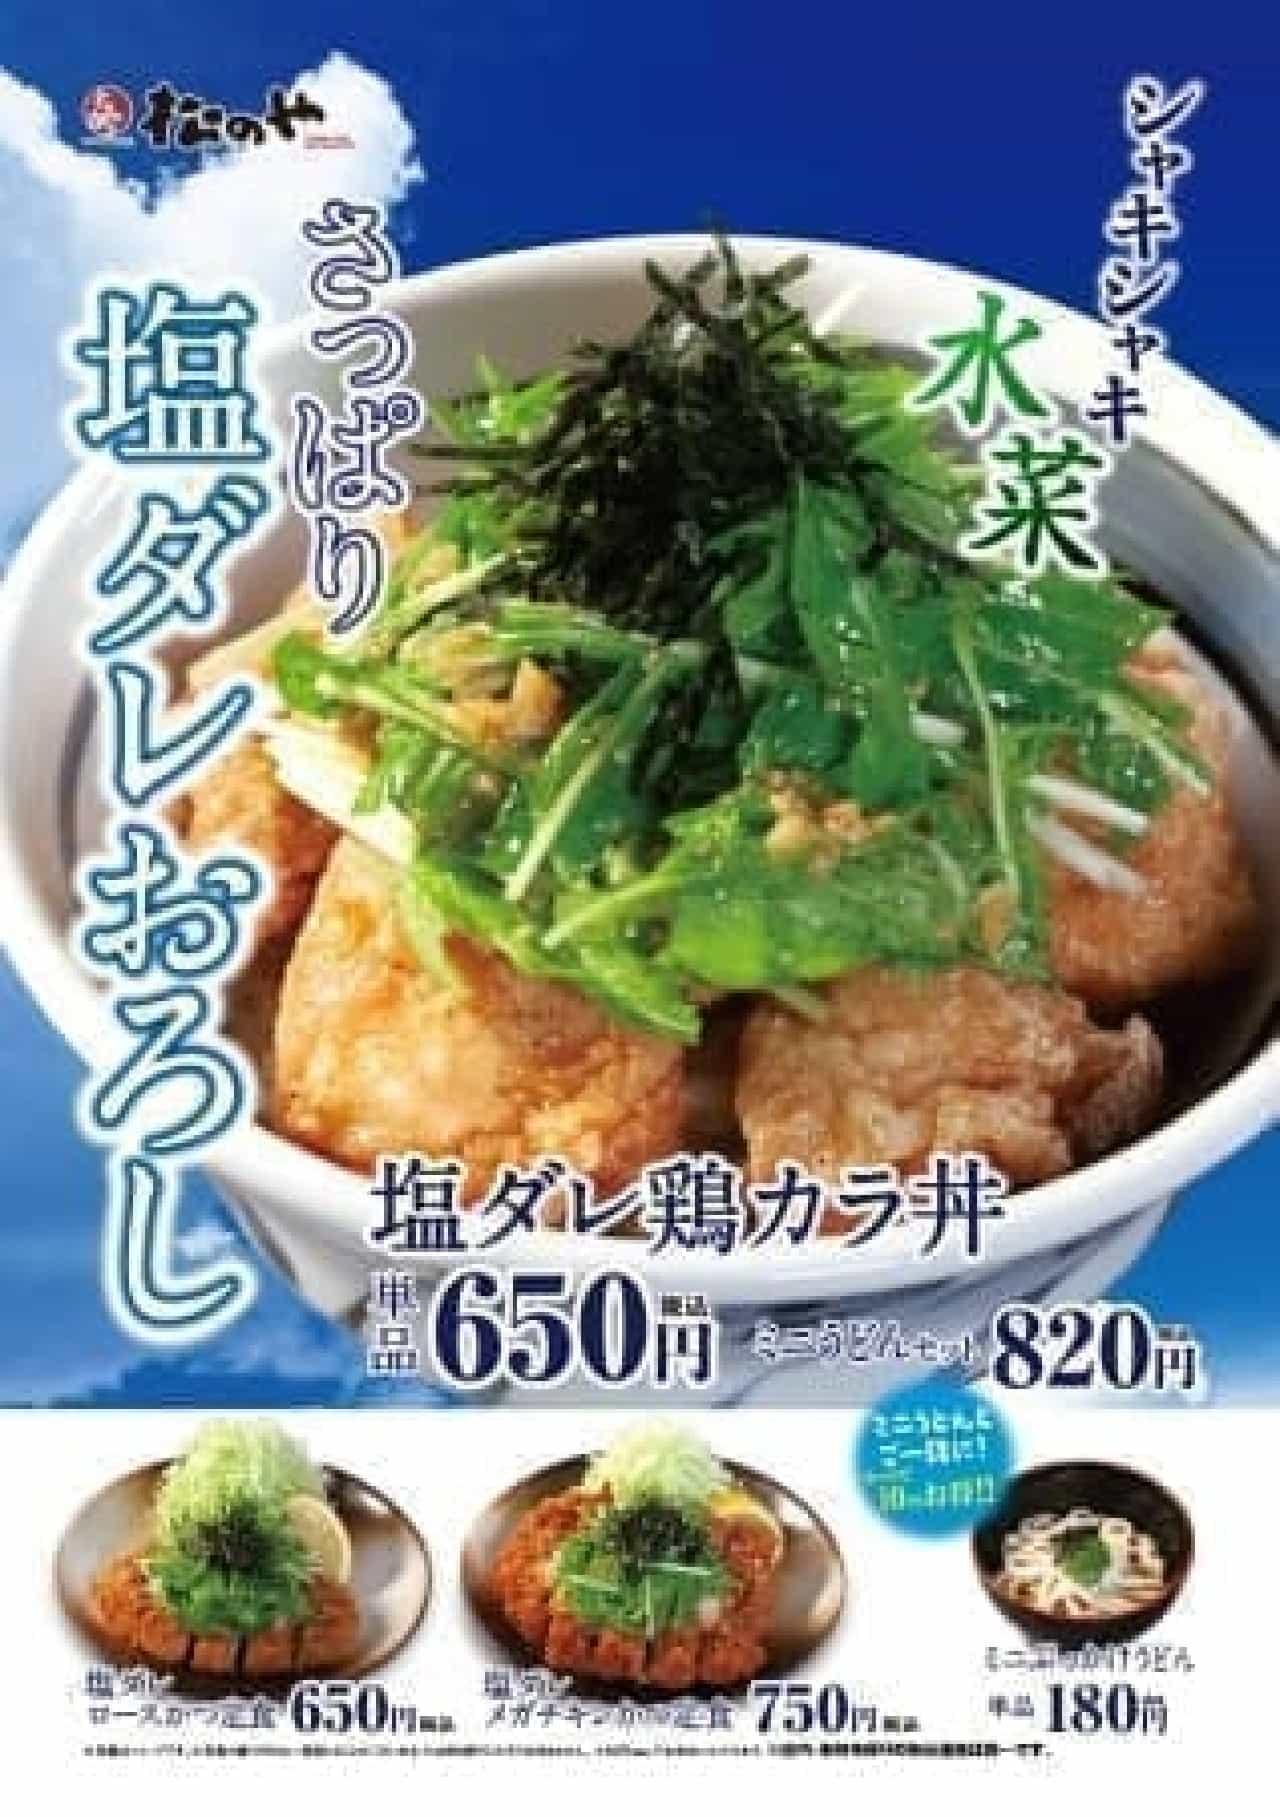 松のや「塩ダレ鶏カラ丼」